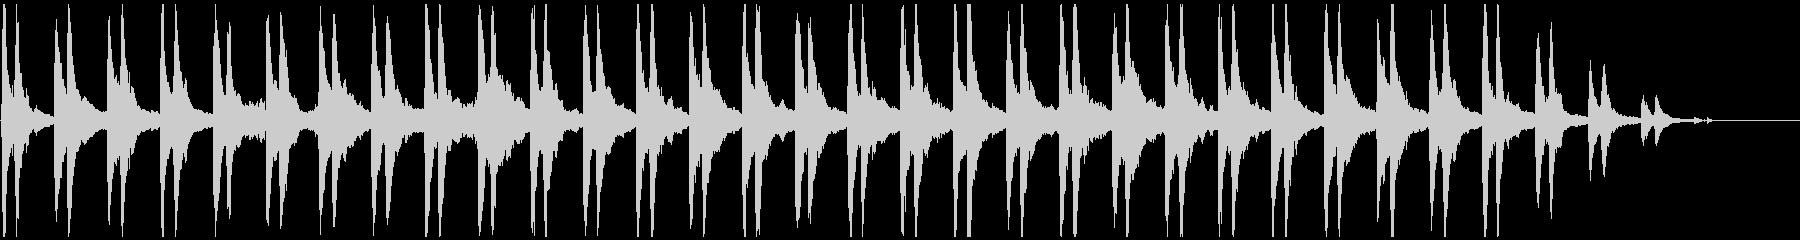 リズムのないゆったりしたピアノ曲の未再生の波形